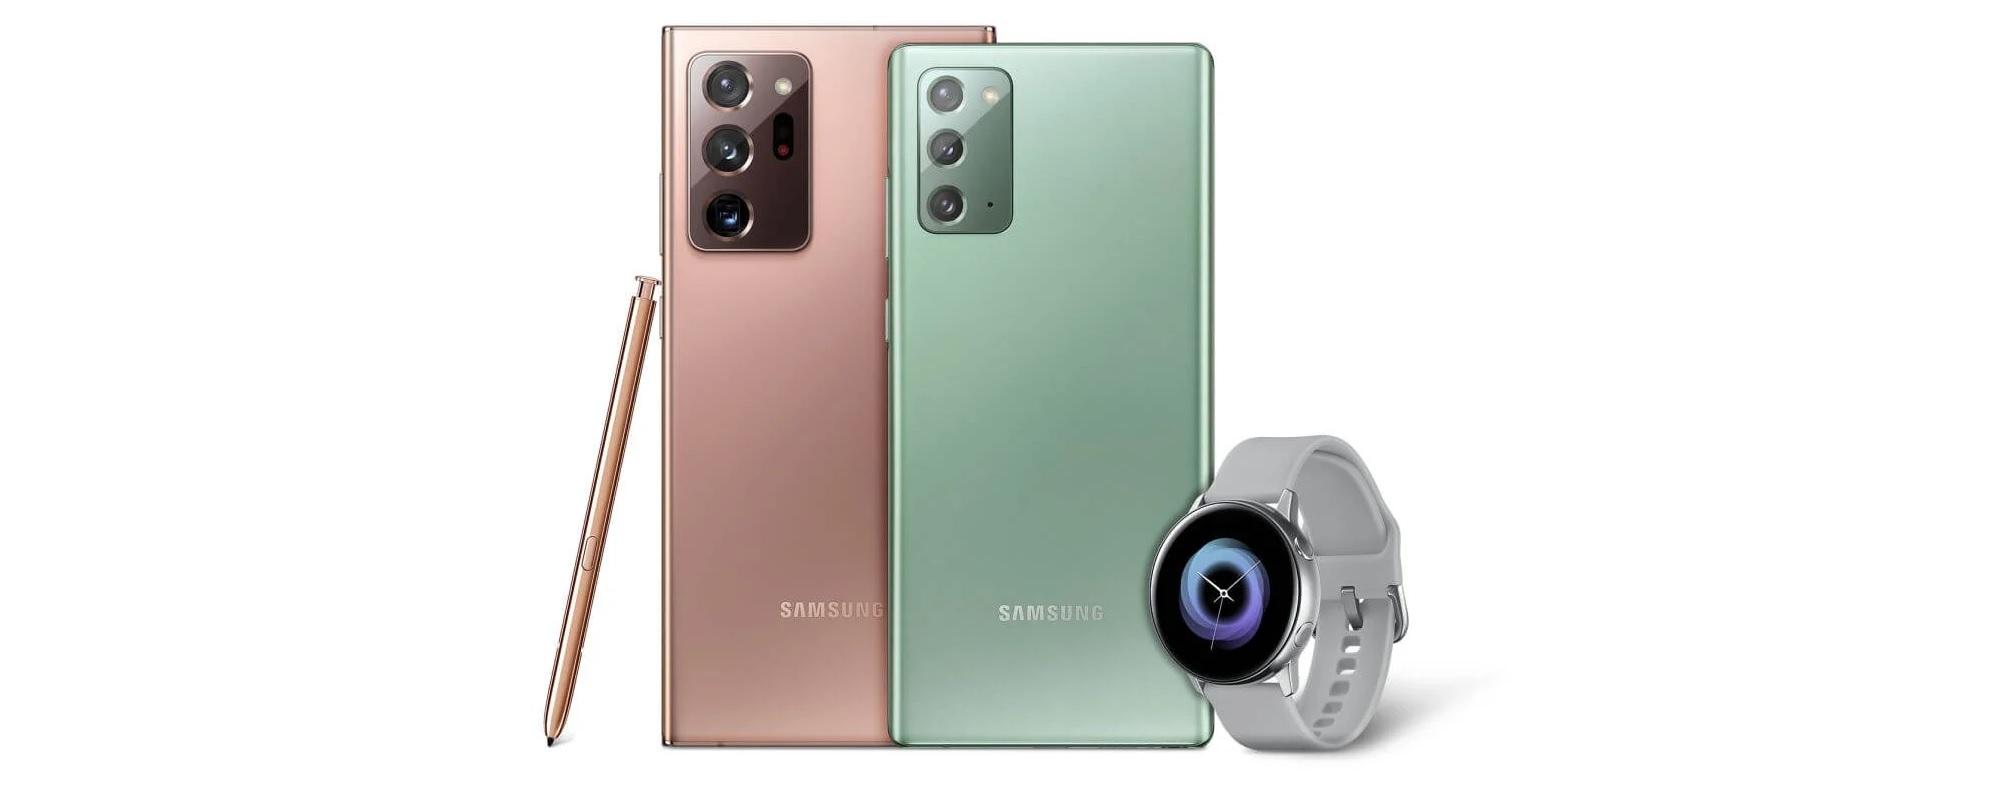 promocja Samsung Galaxy Note 20 Ultra Galaxy Watch Active w prezencie gratis za darmo